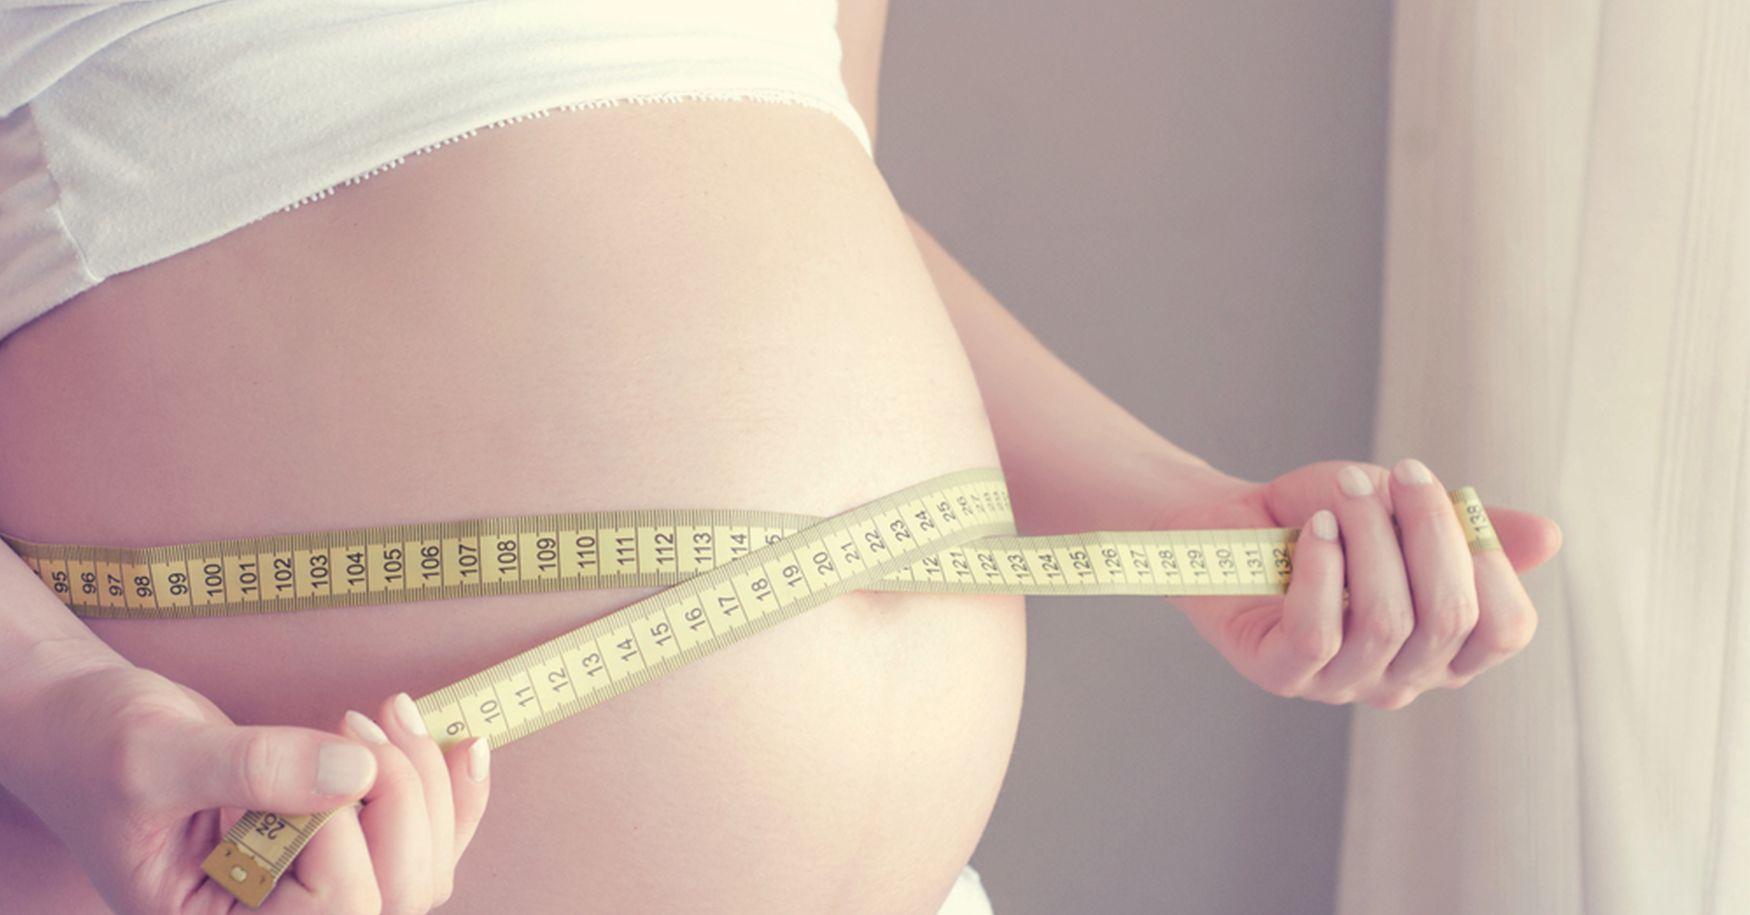 gewicht schwangerschaft trimester